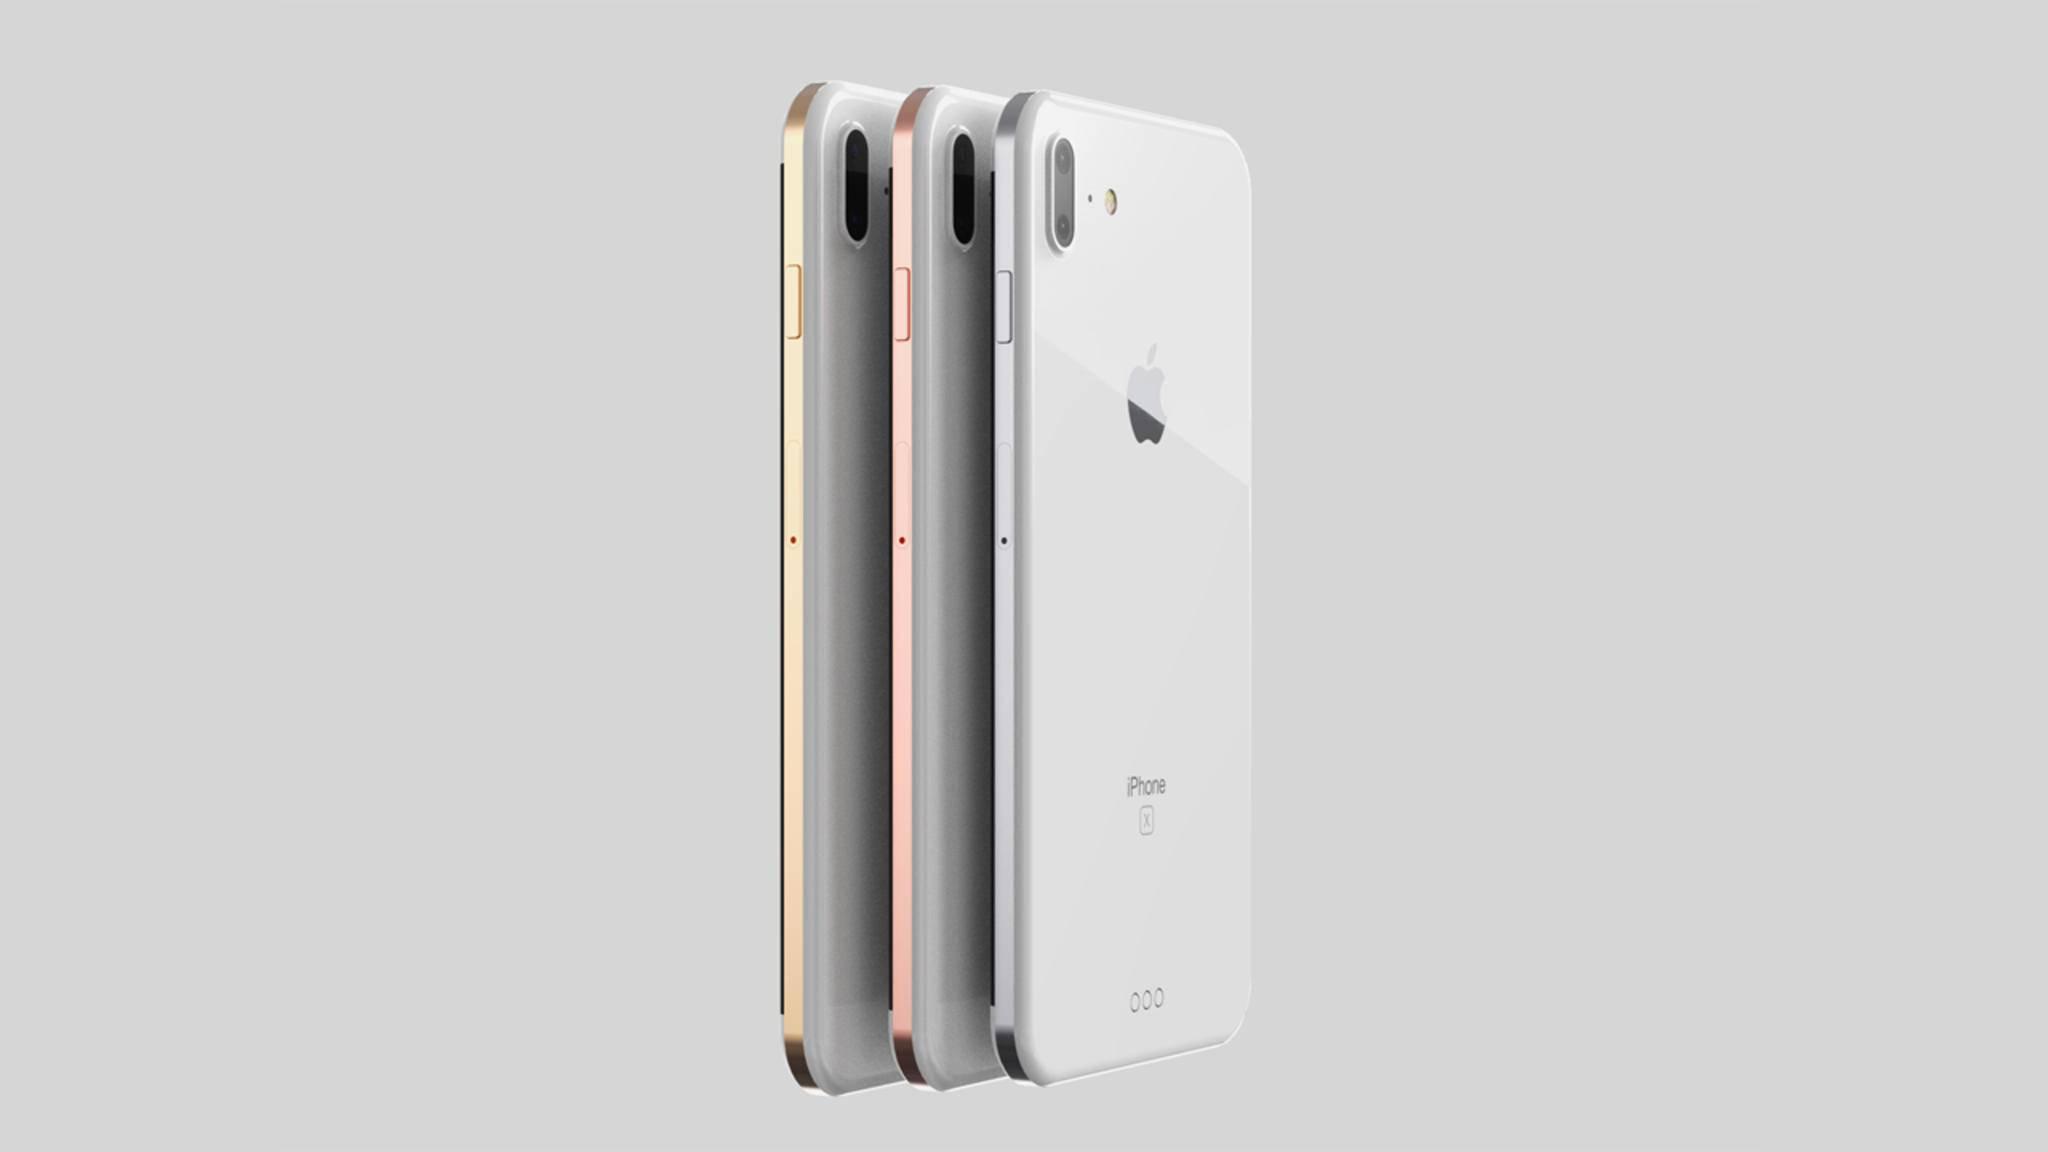 Könnte das iPhone 8 zum zehnjährigen iPhone-Jubiläum so aussehen?